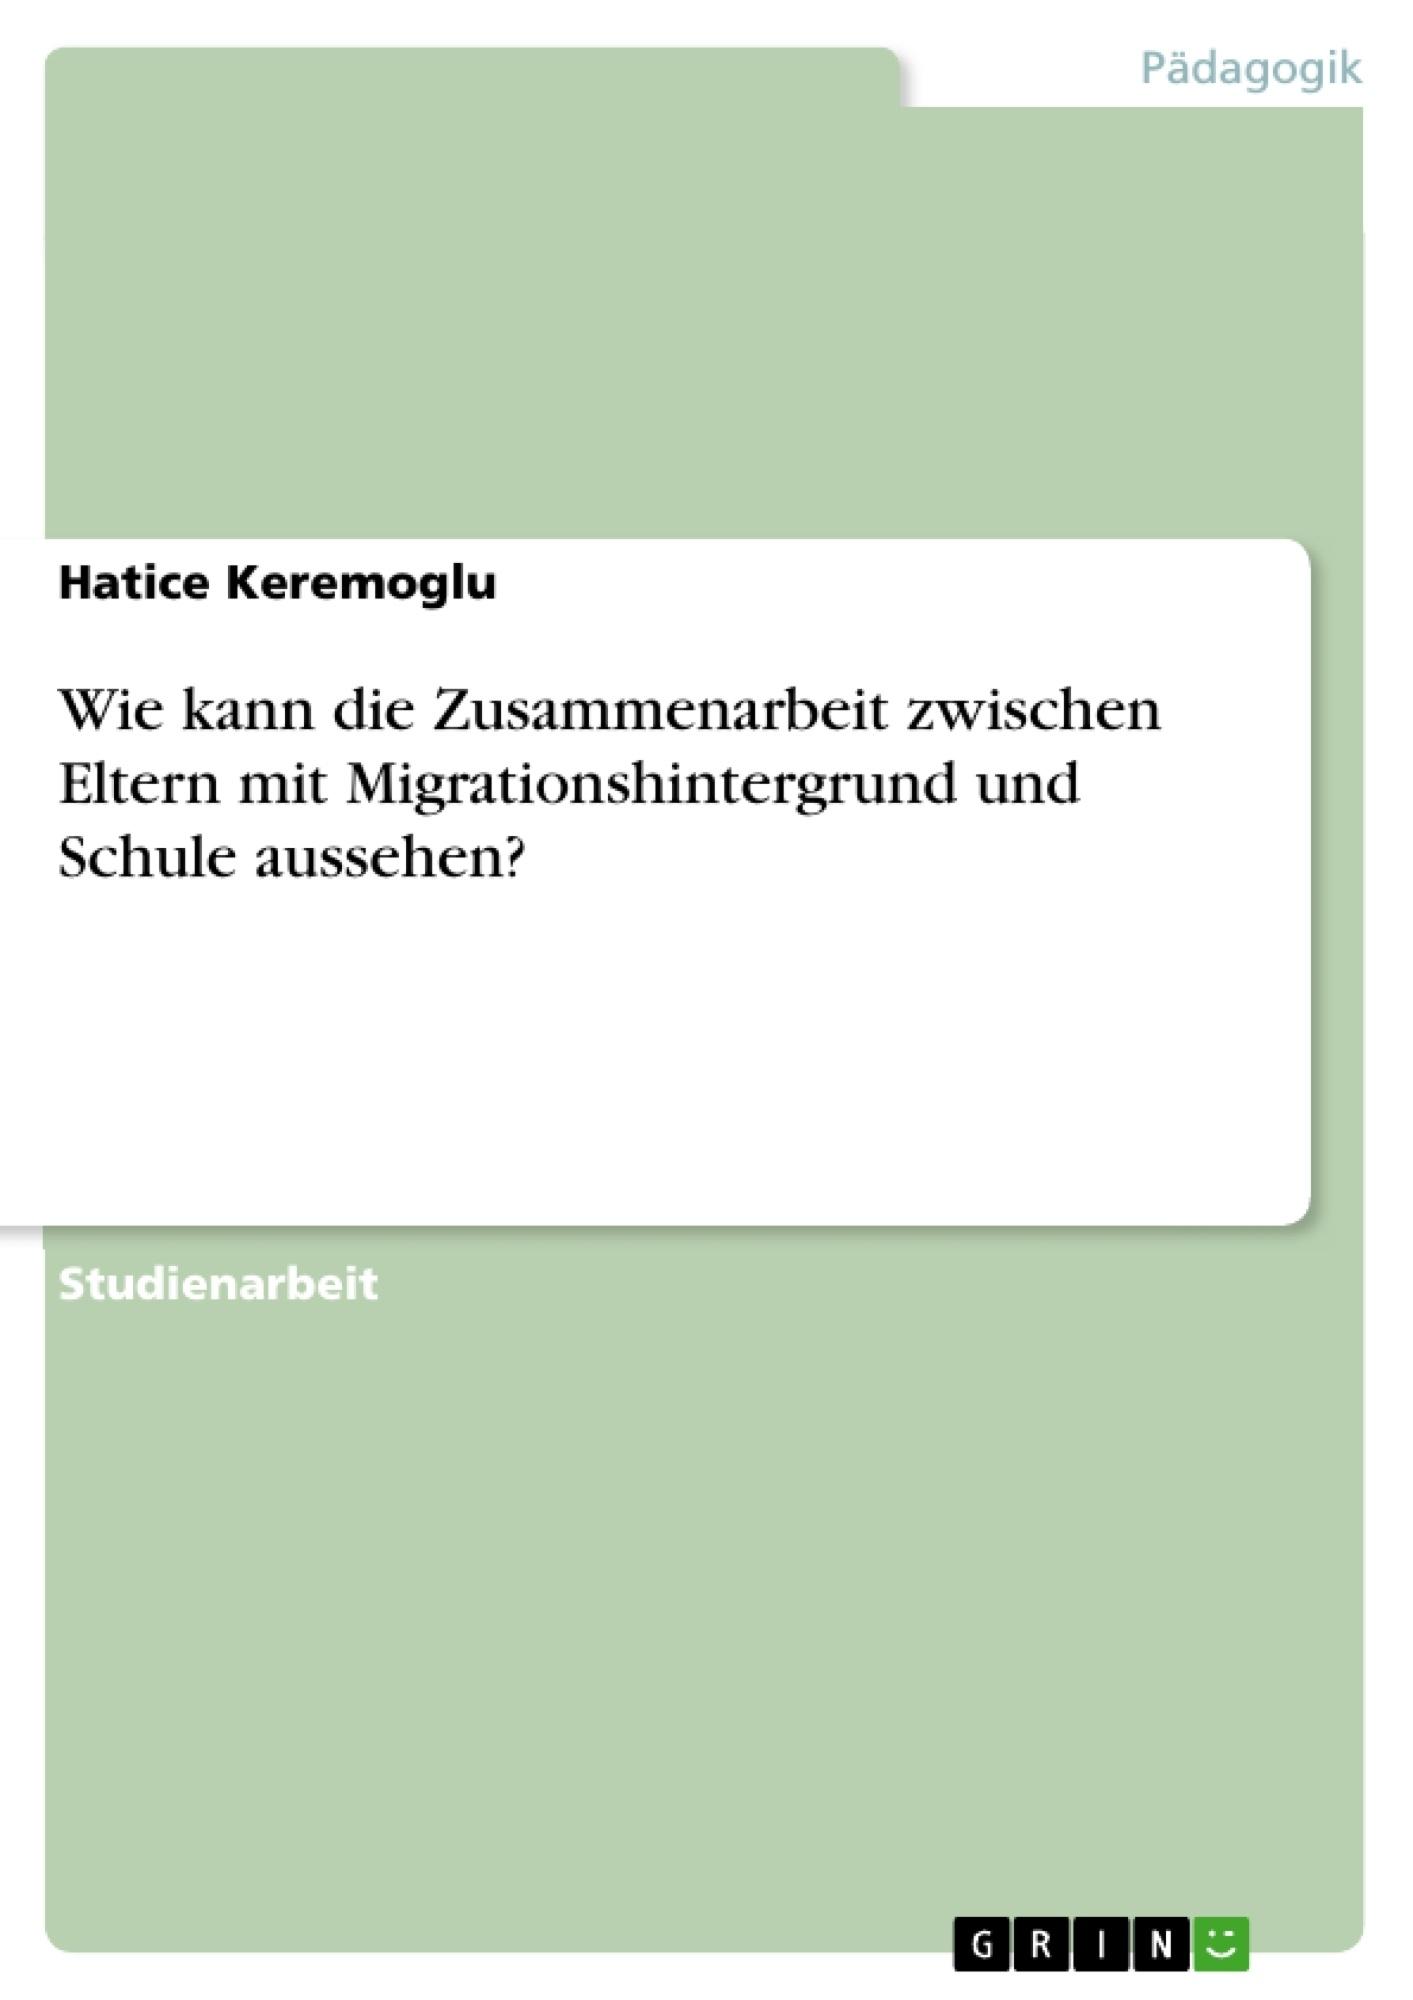 Titel: Wie kann die Zusammenarbeit zwischen Eltern mit Migrationshintergrund und Schule aussehen?